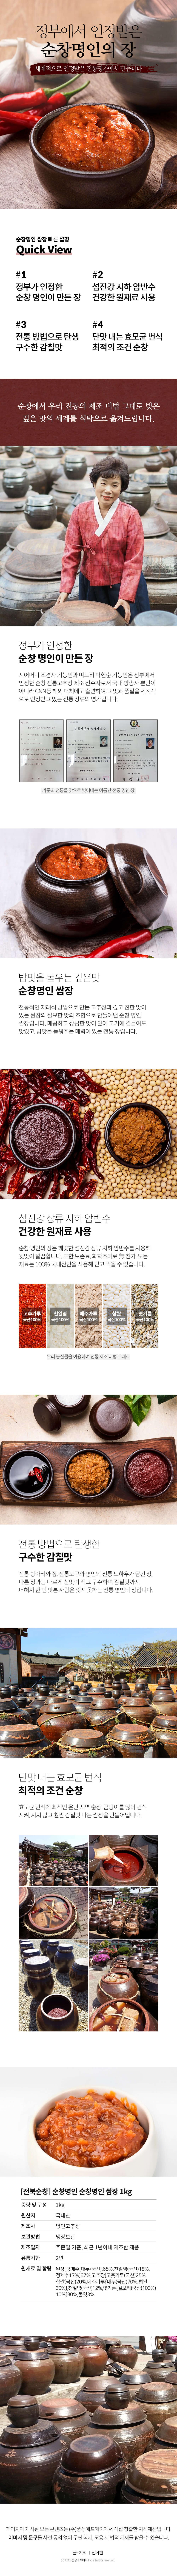 ssamjang_1kg.jpg